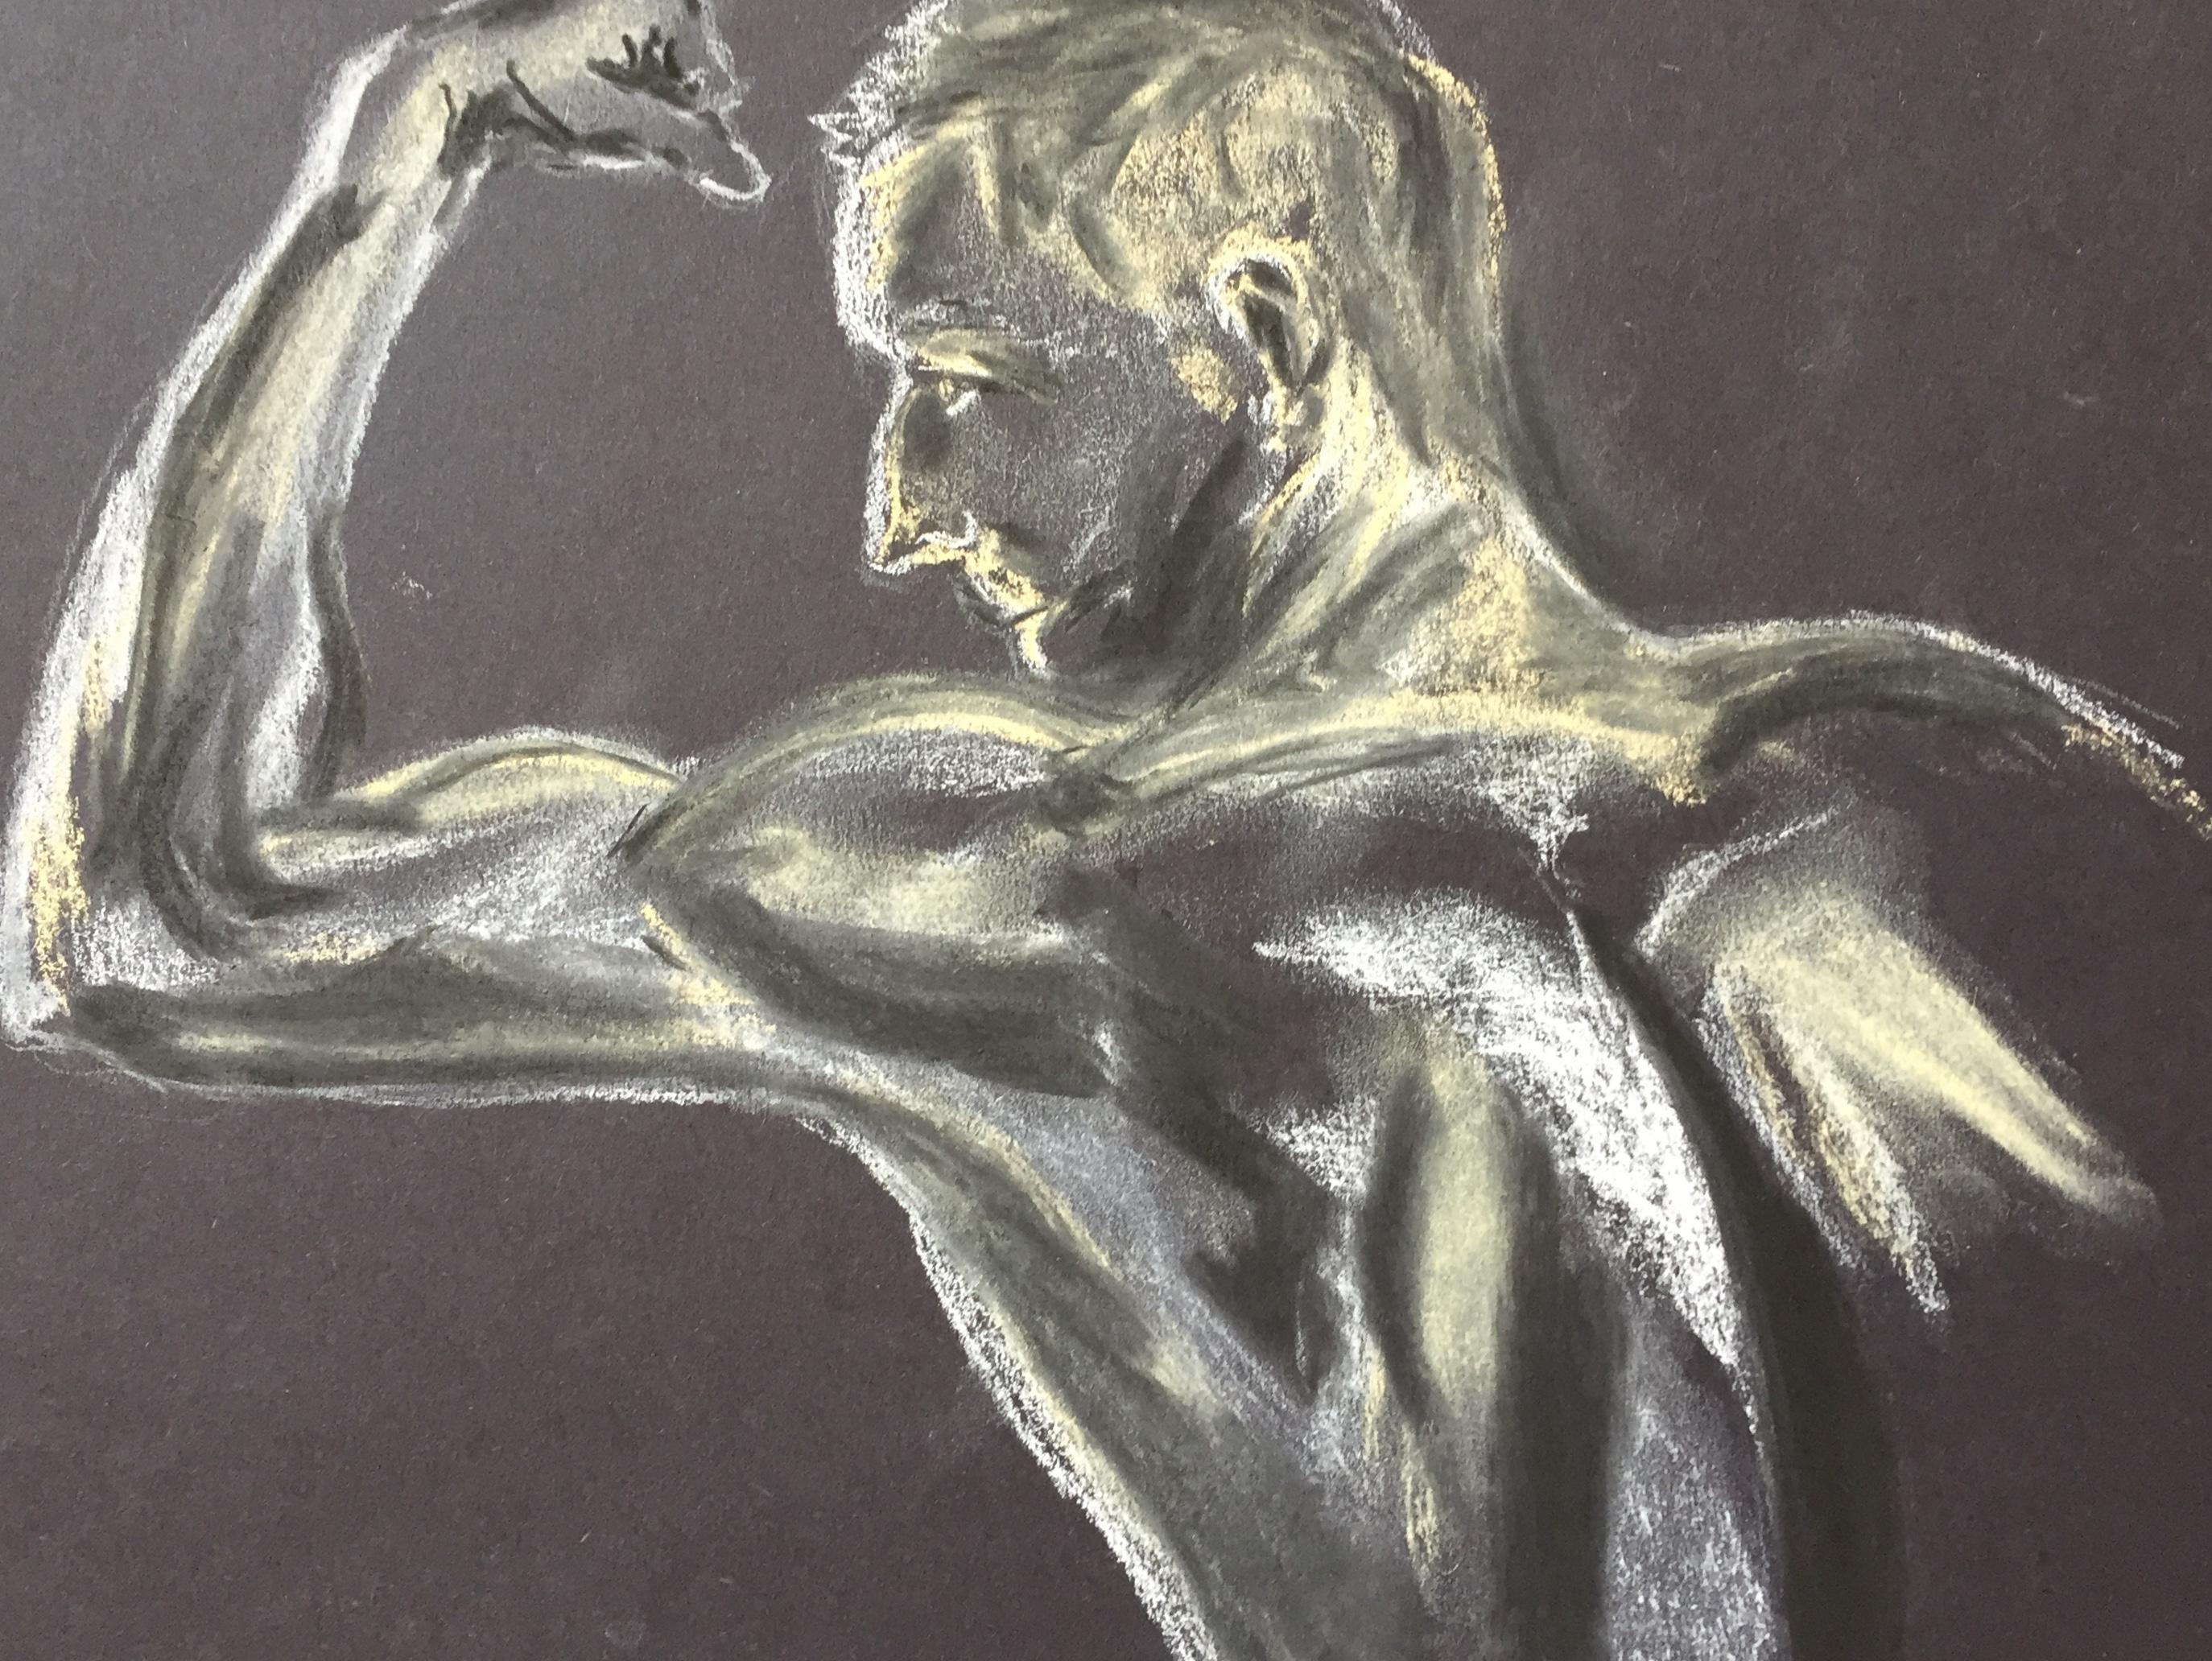 Trois quarts dos homme dessin au pastel sur papier noir  cours de dessin